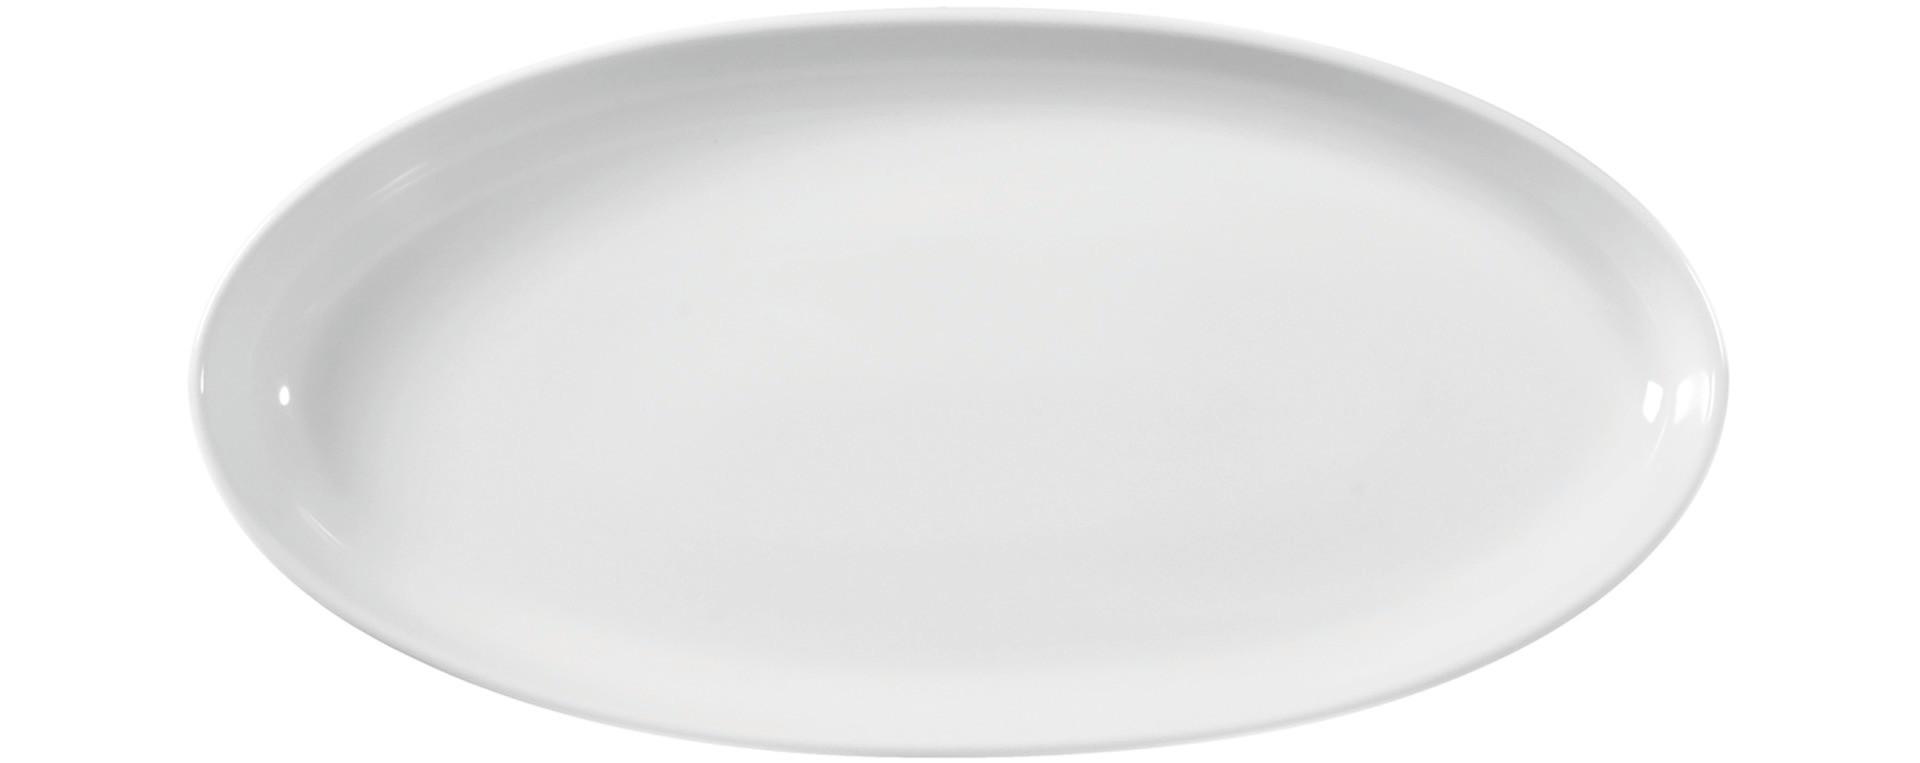 Buffet Gourmet, Platte oval 500 x 248 mm